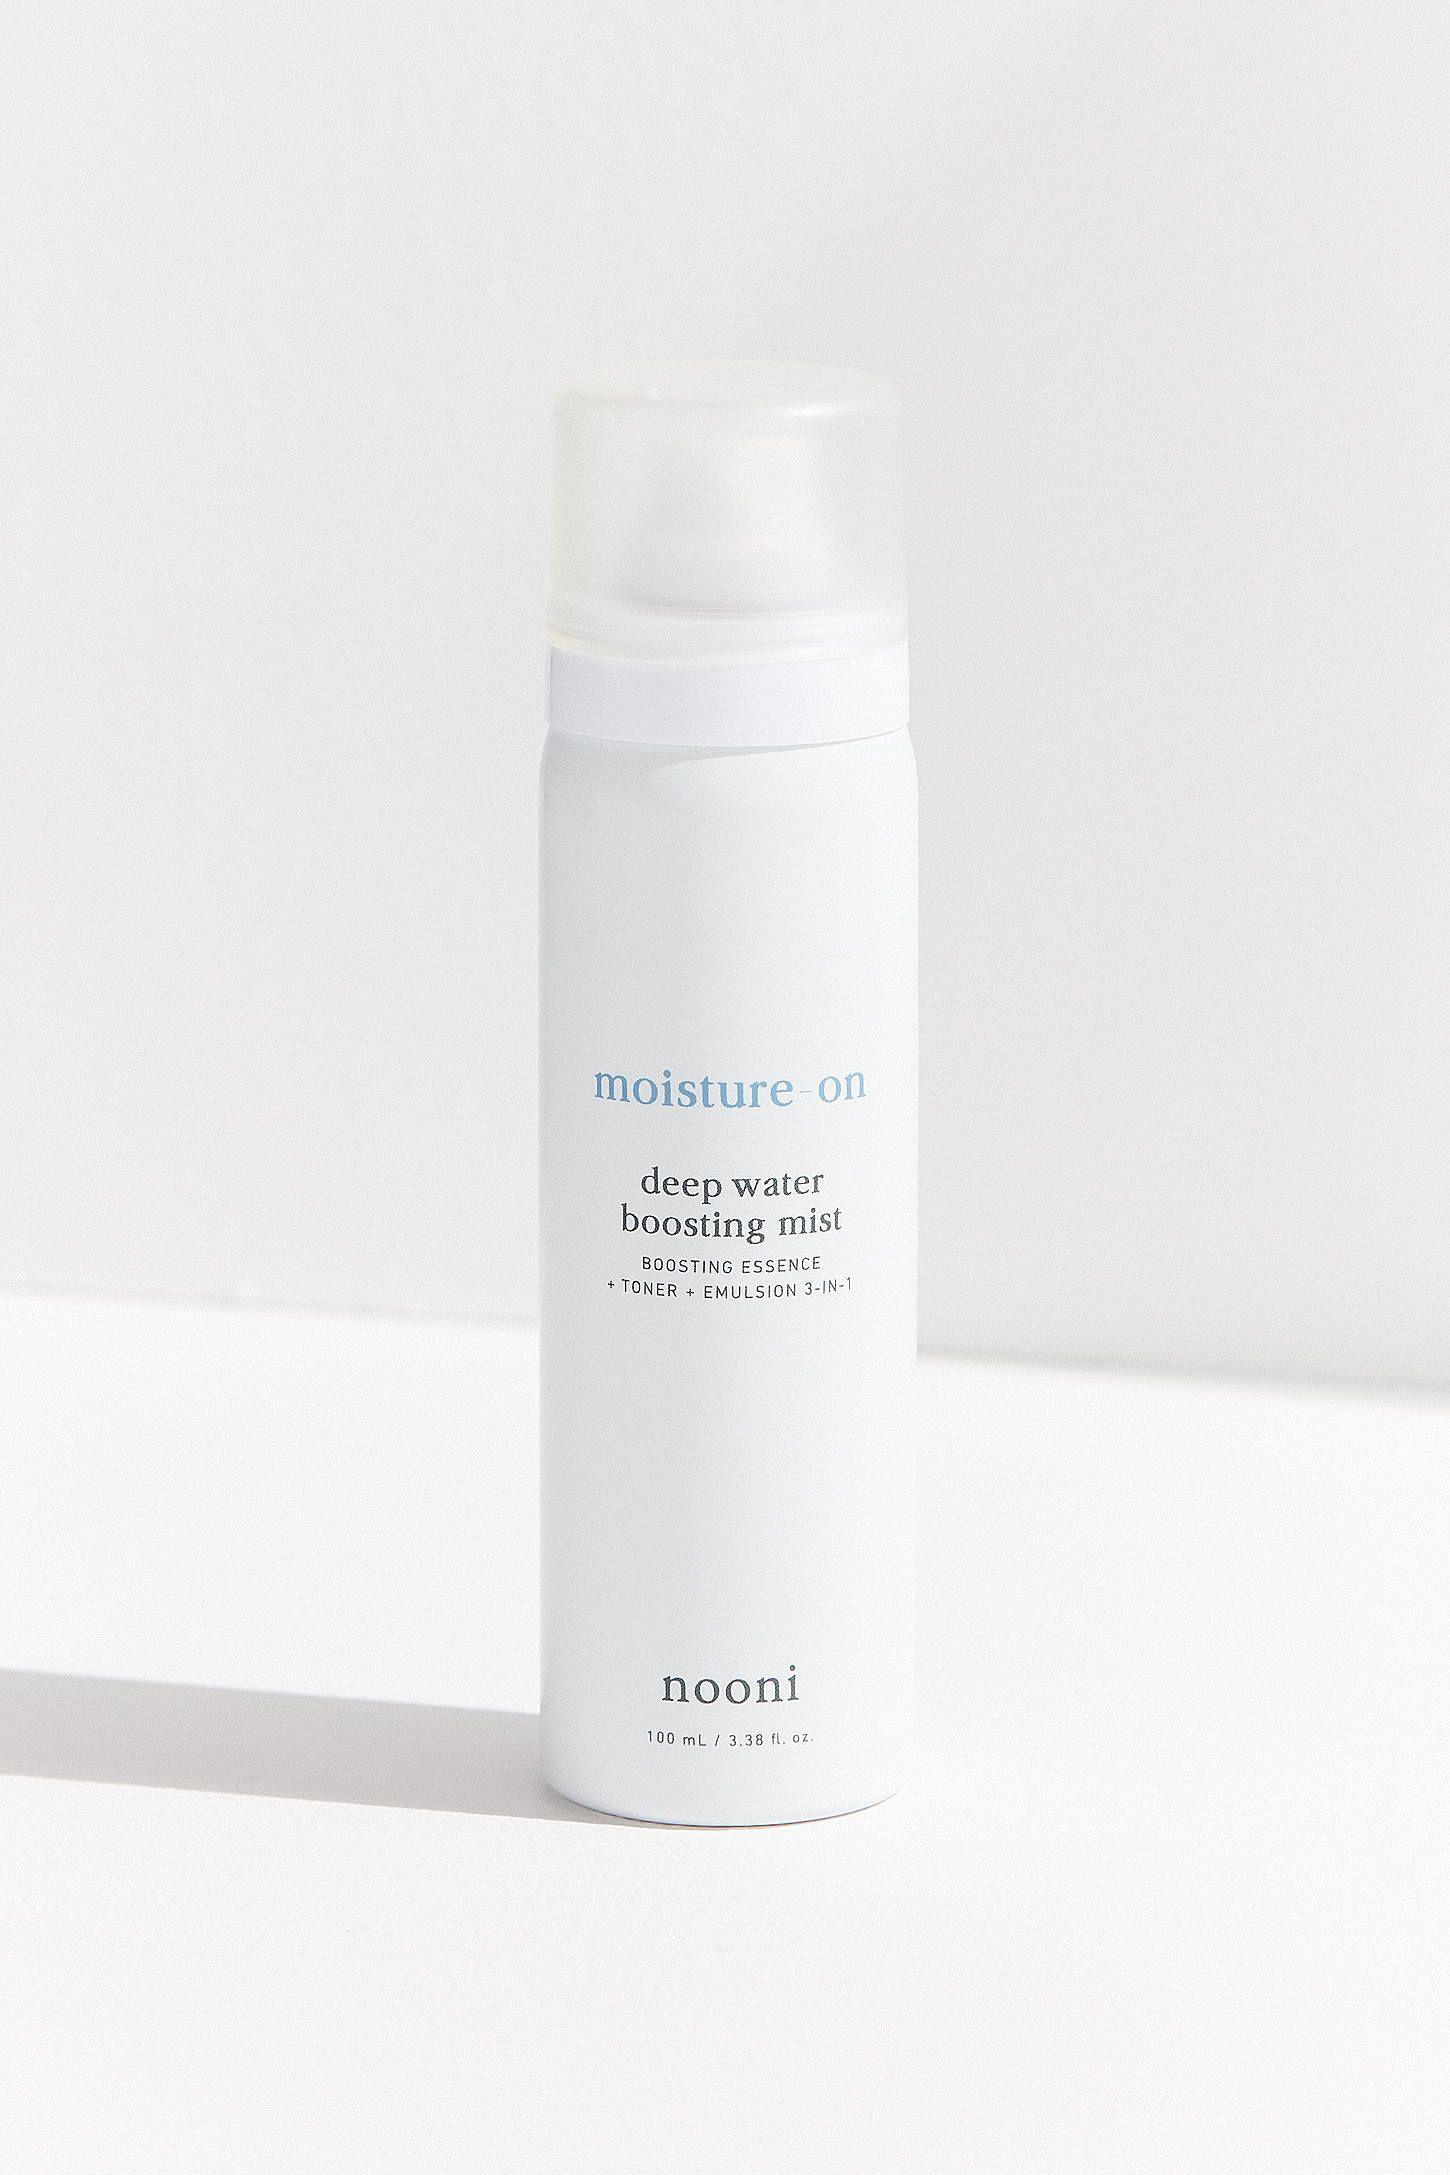 Dùng xịt khoáng sẽ giúp cấp ẩm cho da, nhưng nếu chọn sai loại thì còn khiến da khô hơn bình thường - Ảnh 4.